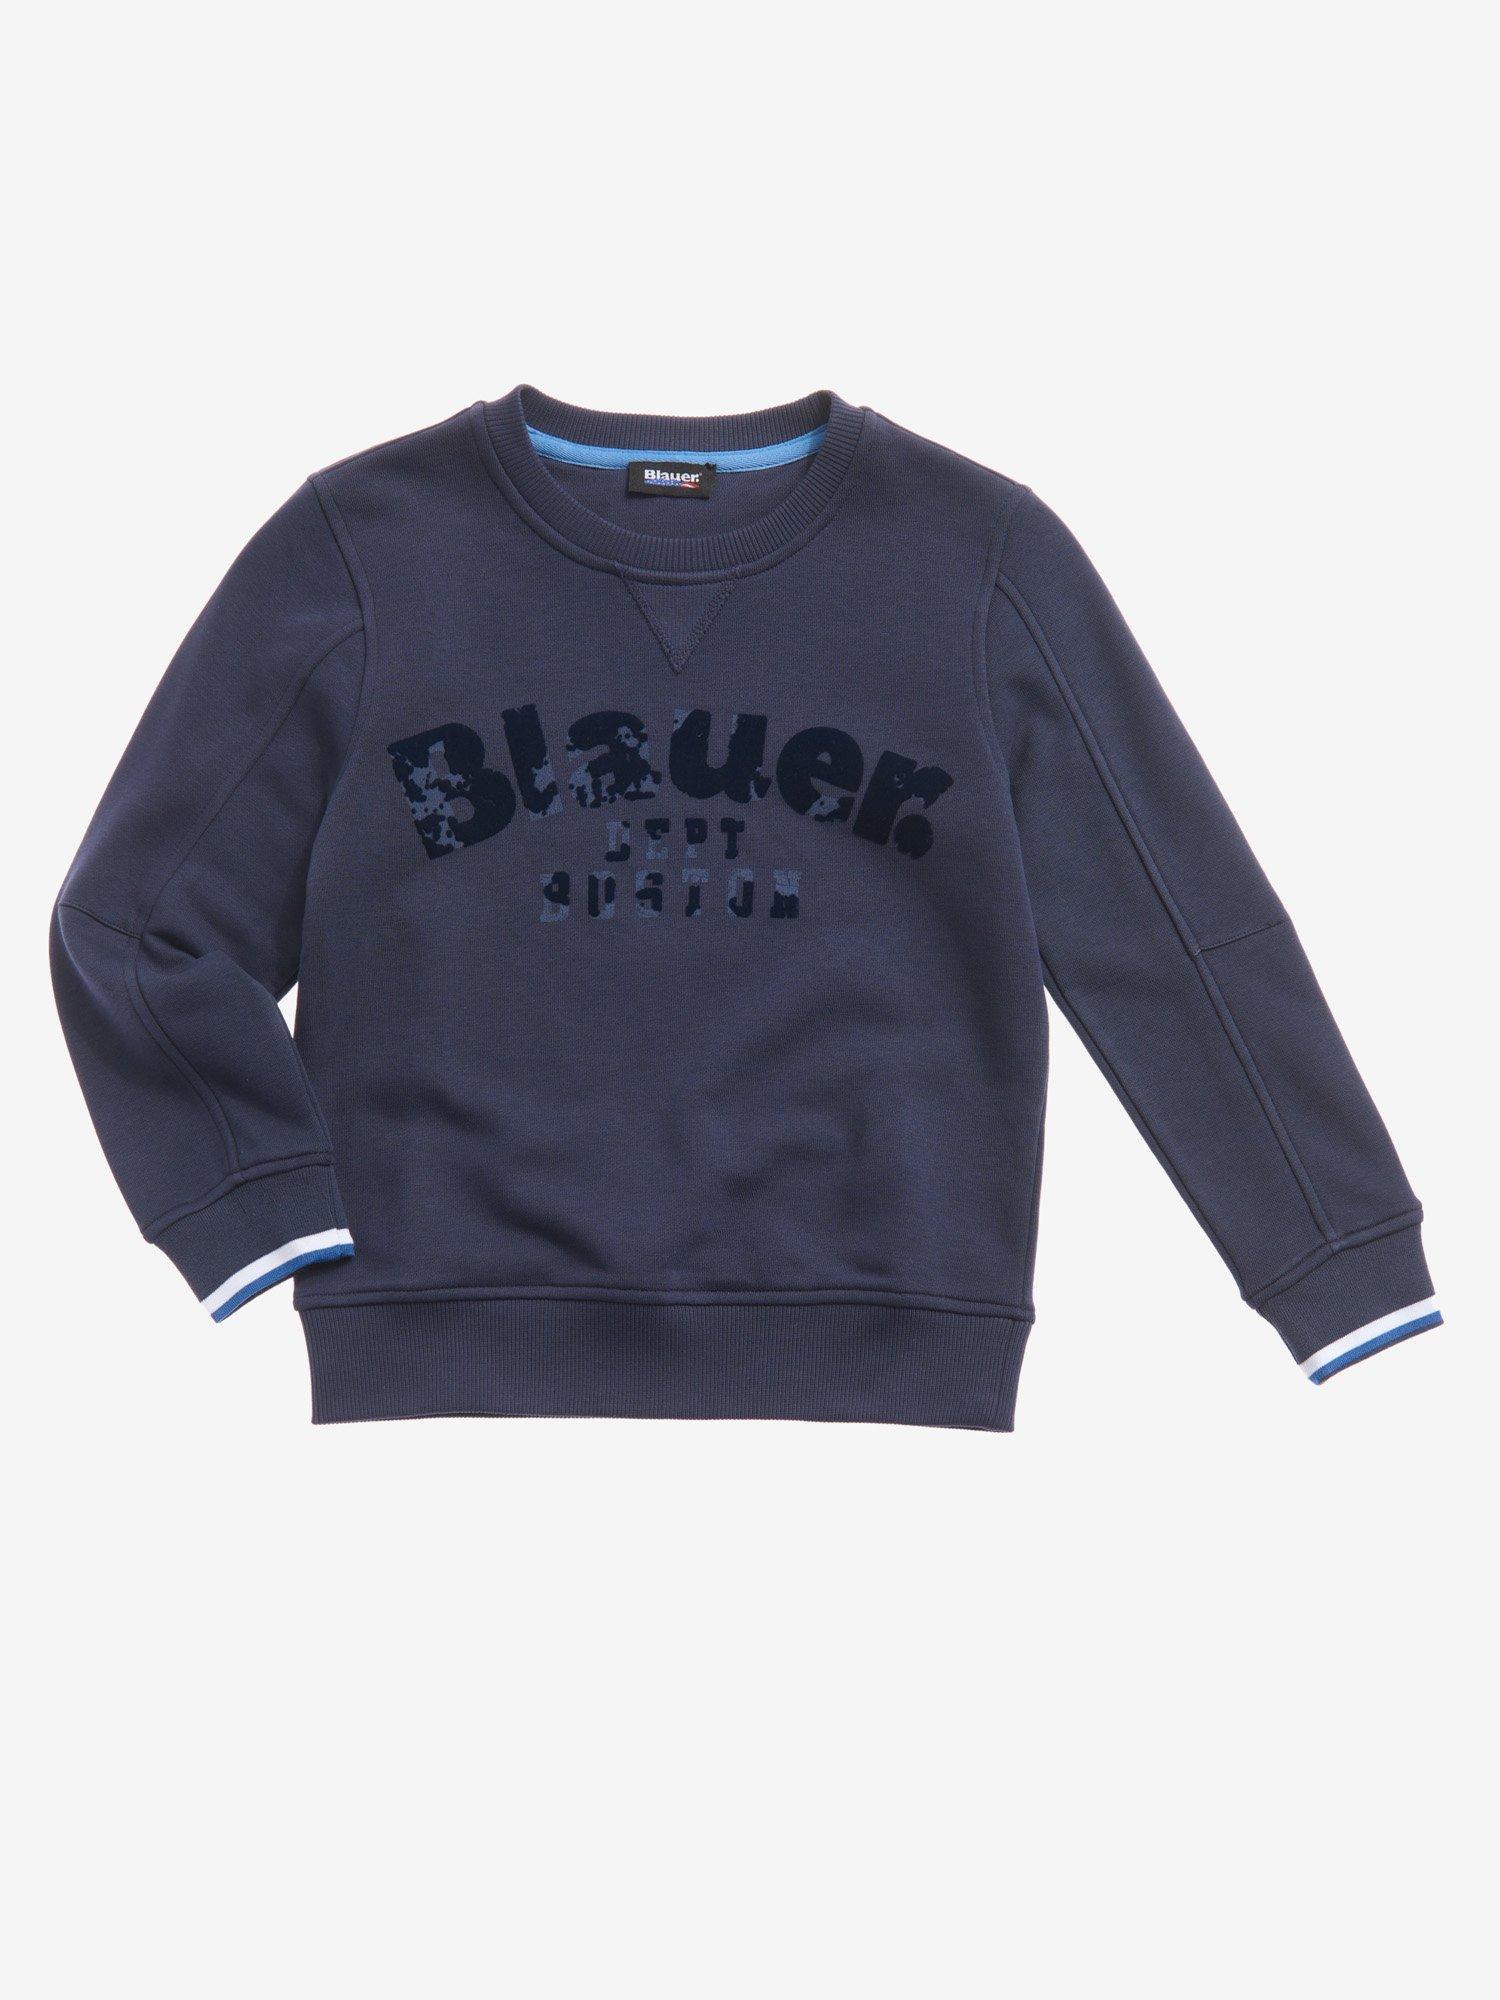 SWEAT-SHIRT POUR GARÇON COL ROND - Blauer